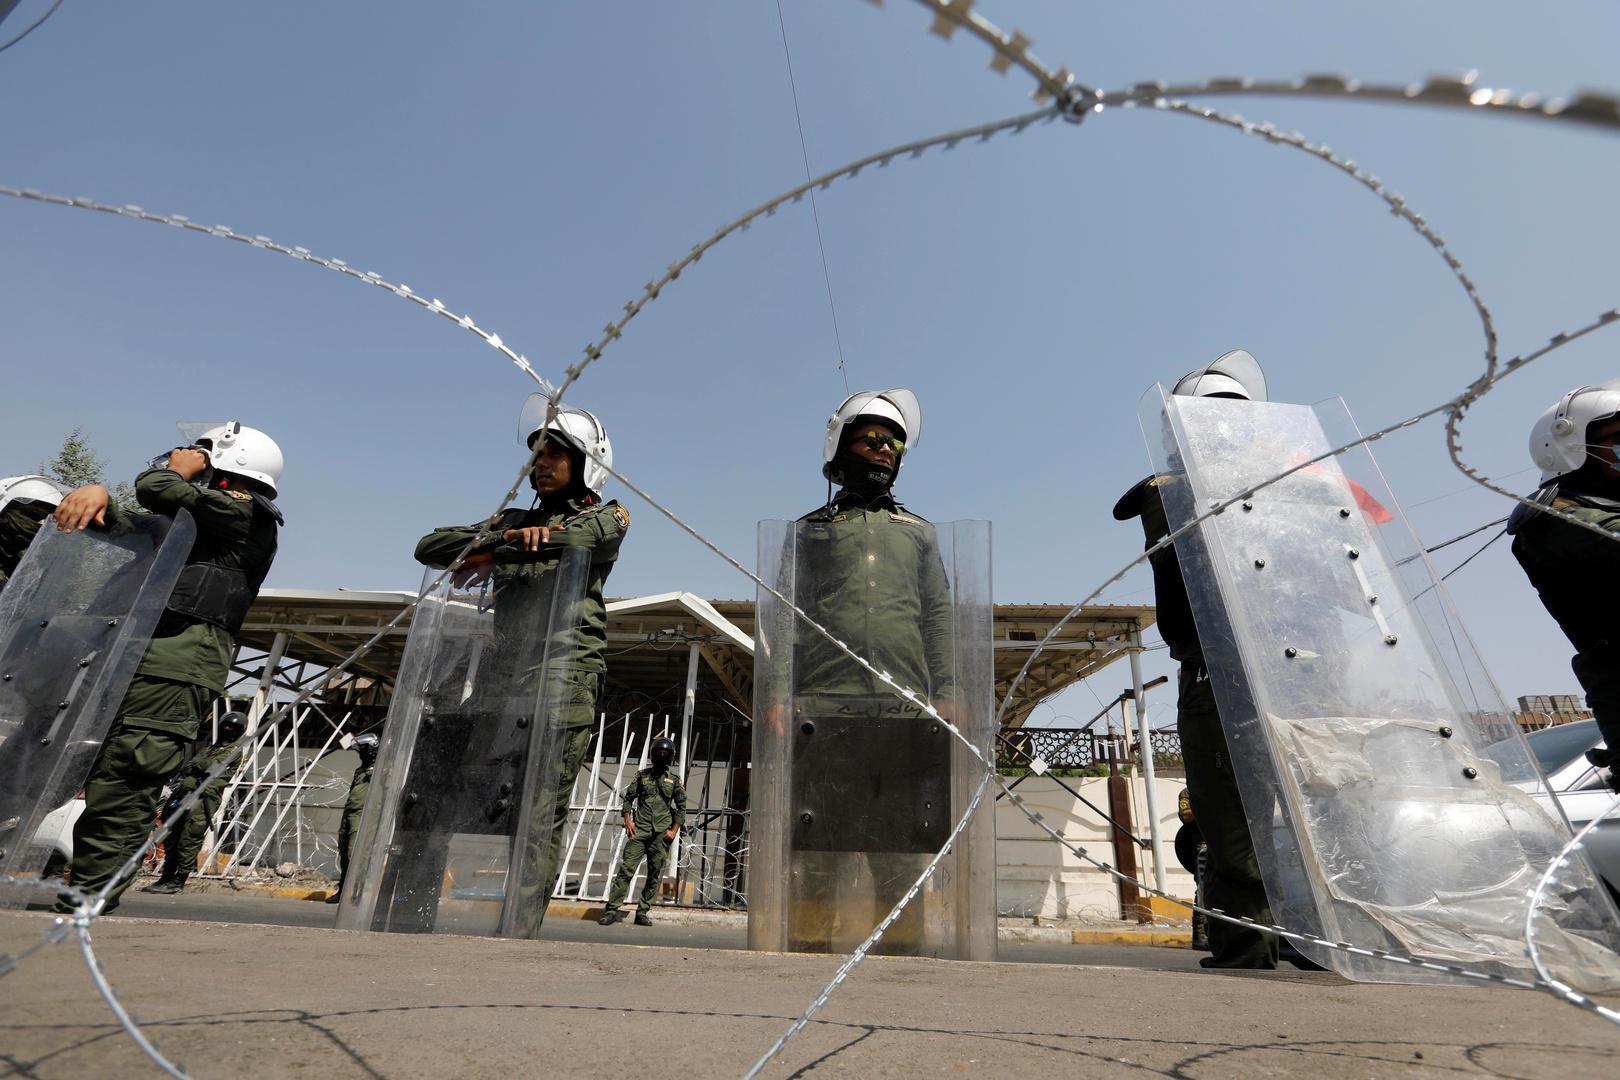 الشرطة العراقية تكشف عن جريمة قتل بعد 25 عاما على وقوعها